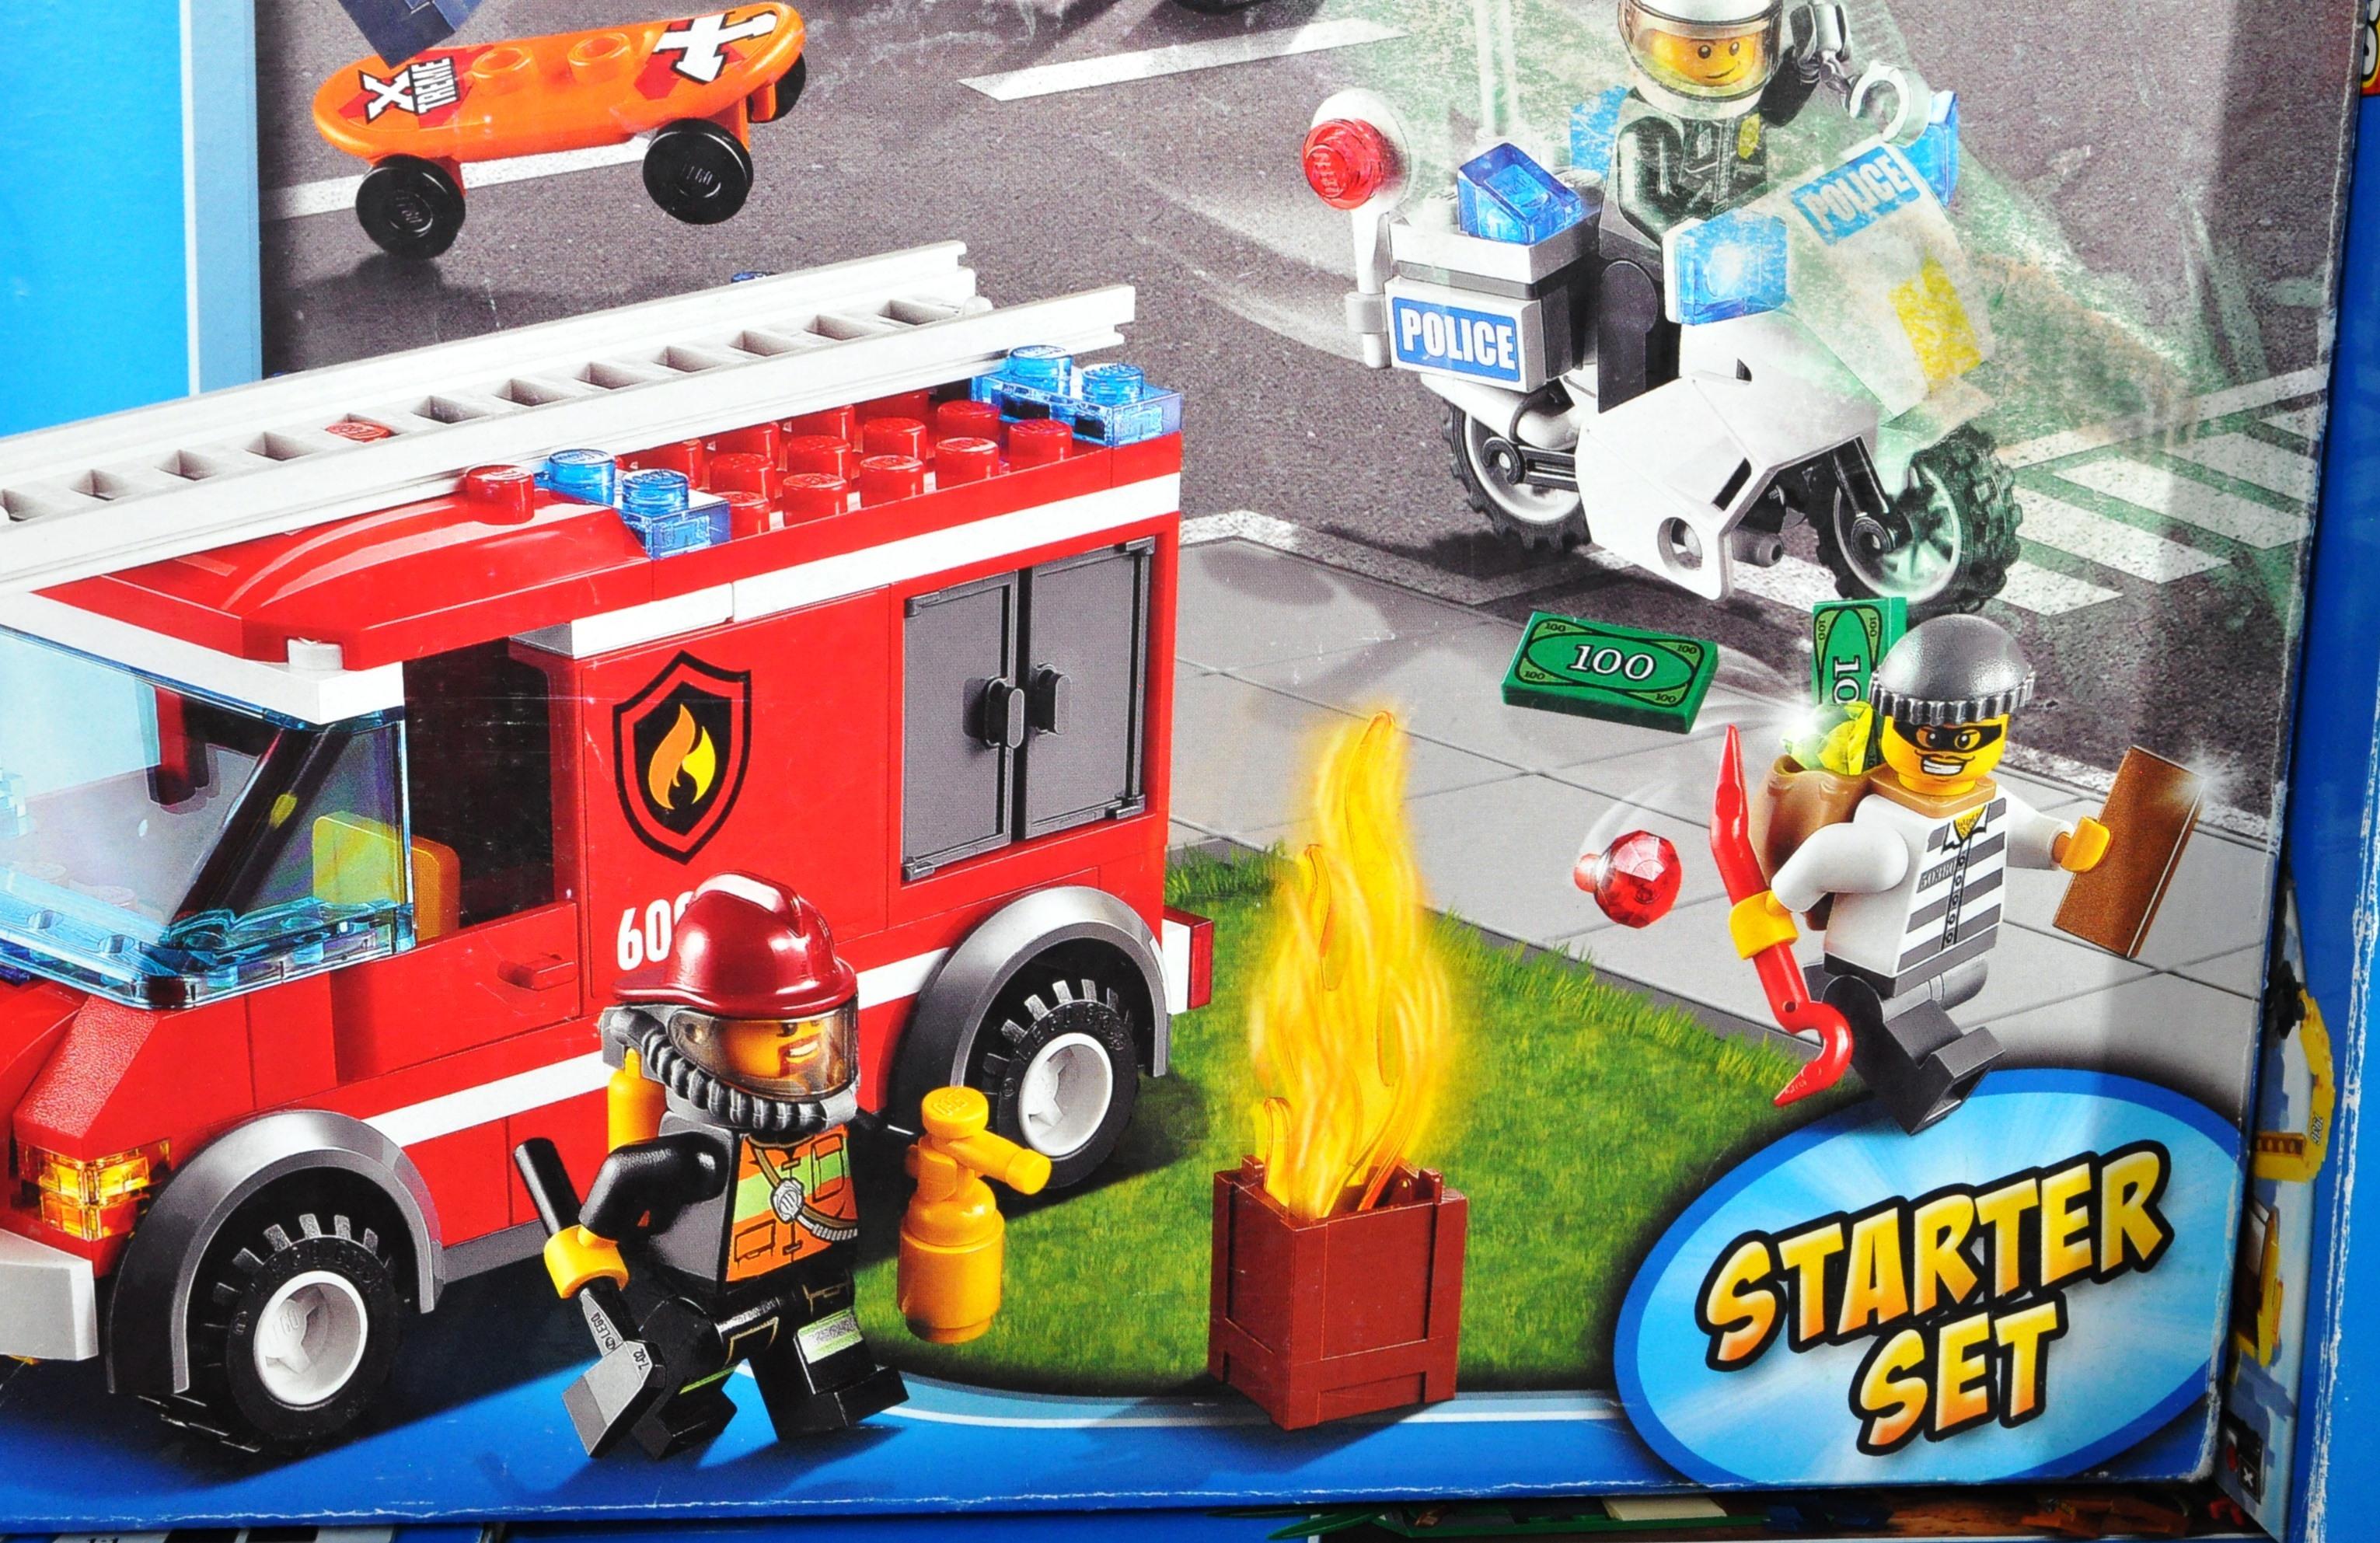 LEGO SETS - LEGO CITY - 60023 / 60084 / 60158 / 7936 / 60118 / 60057 / 7990 / 60007 - Image 2 of 5